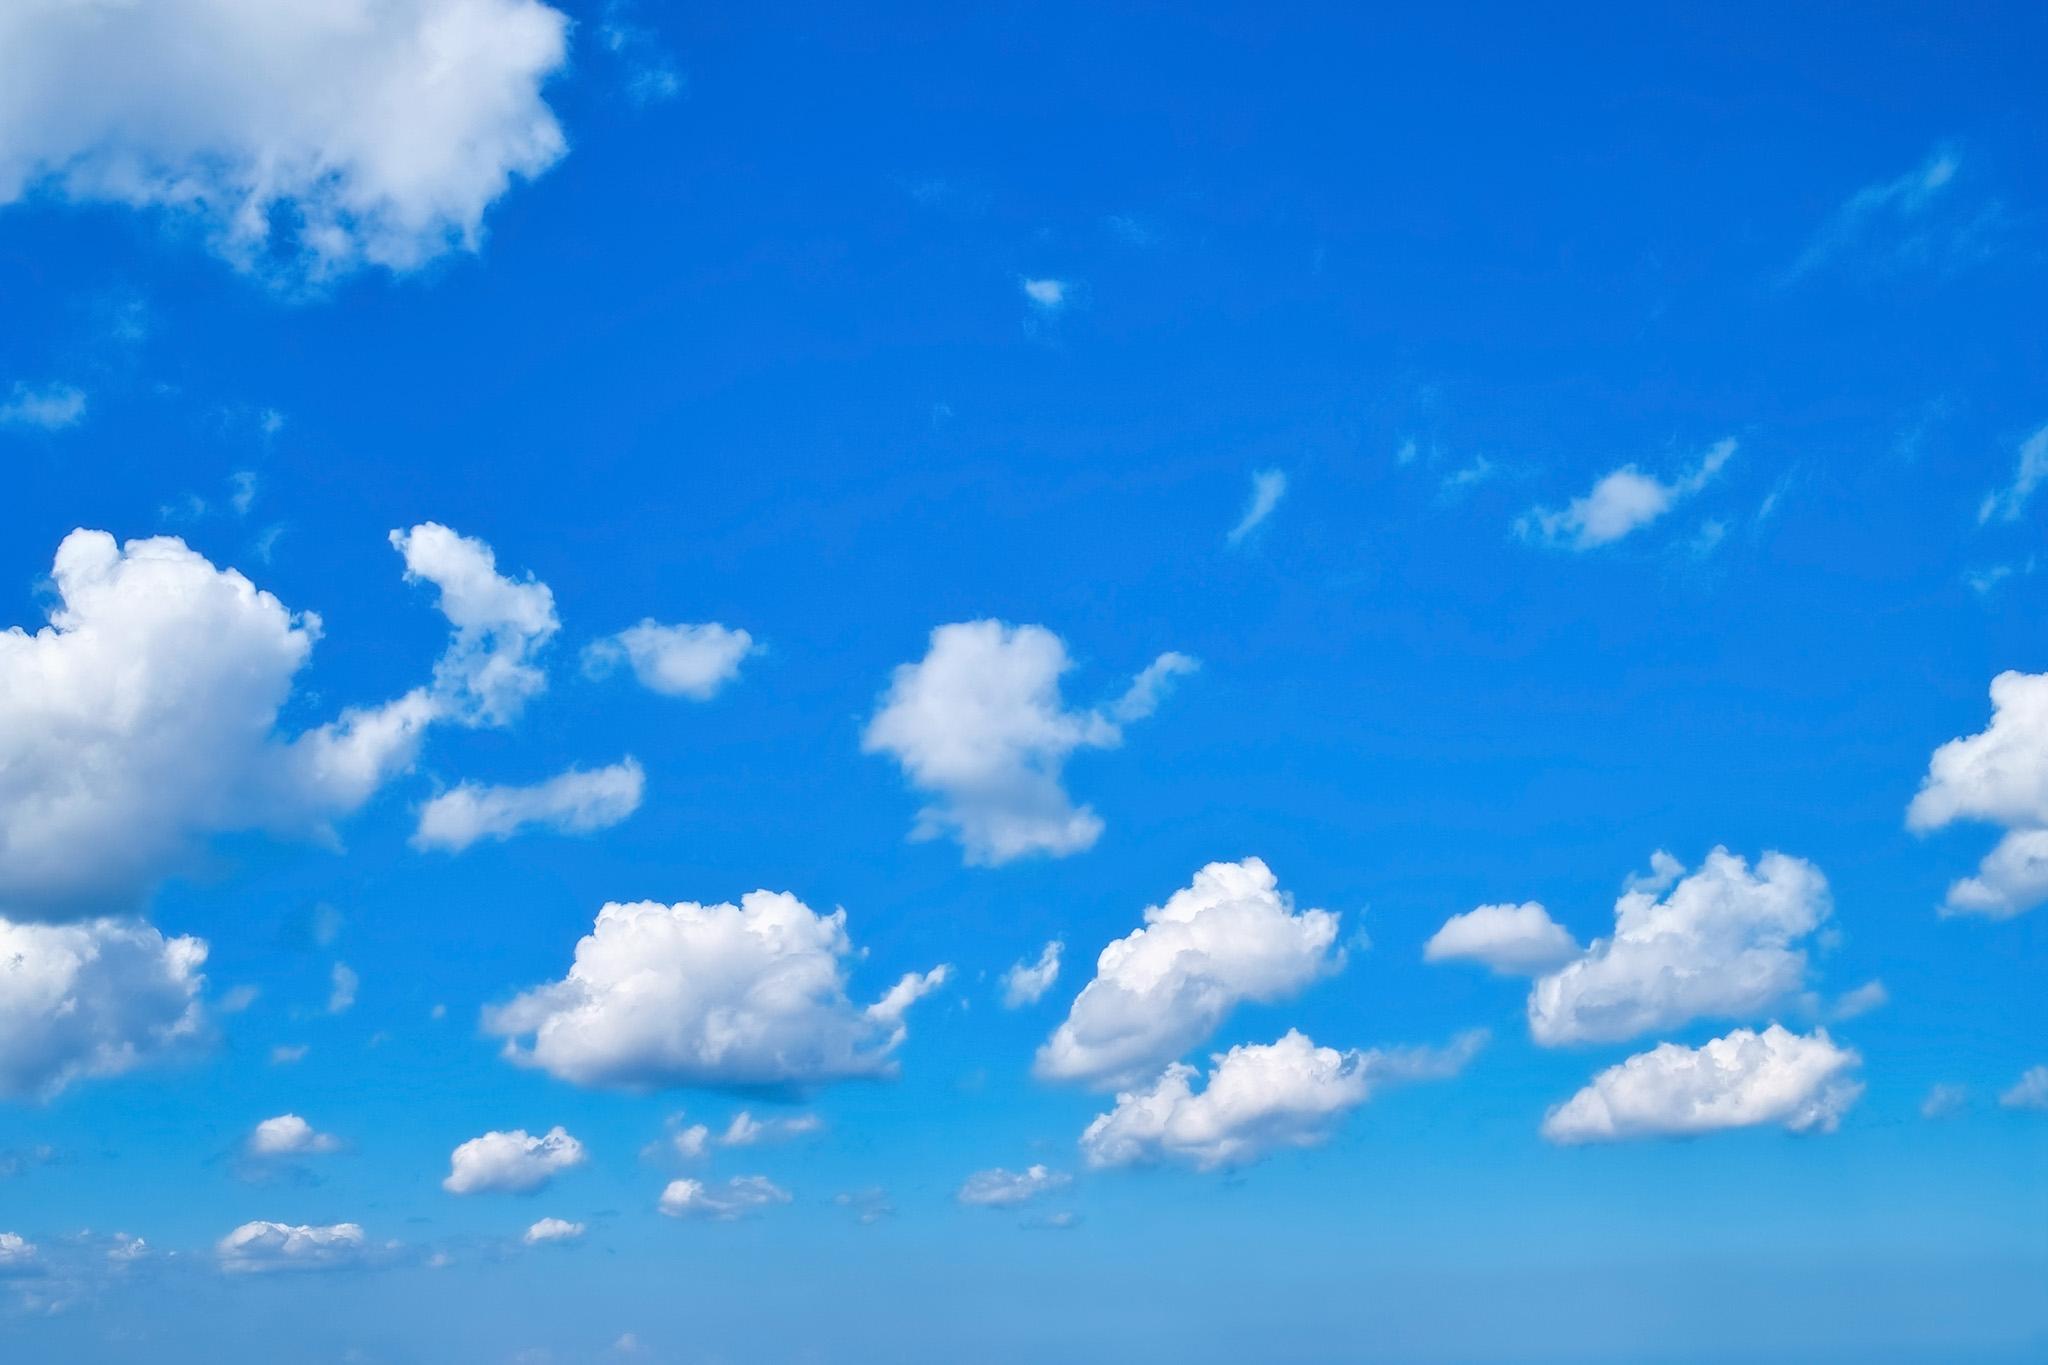 「雲が漂う爽やかな青空」の素材を無料ダウンロード